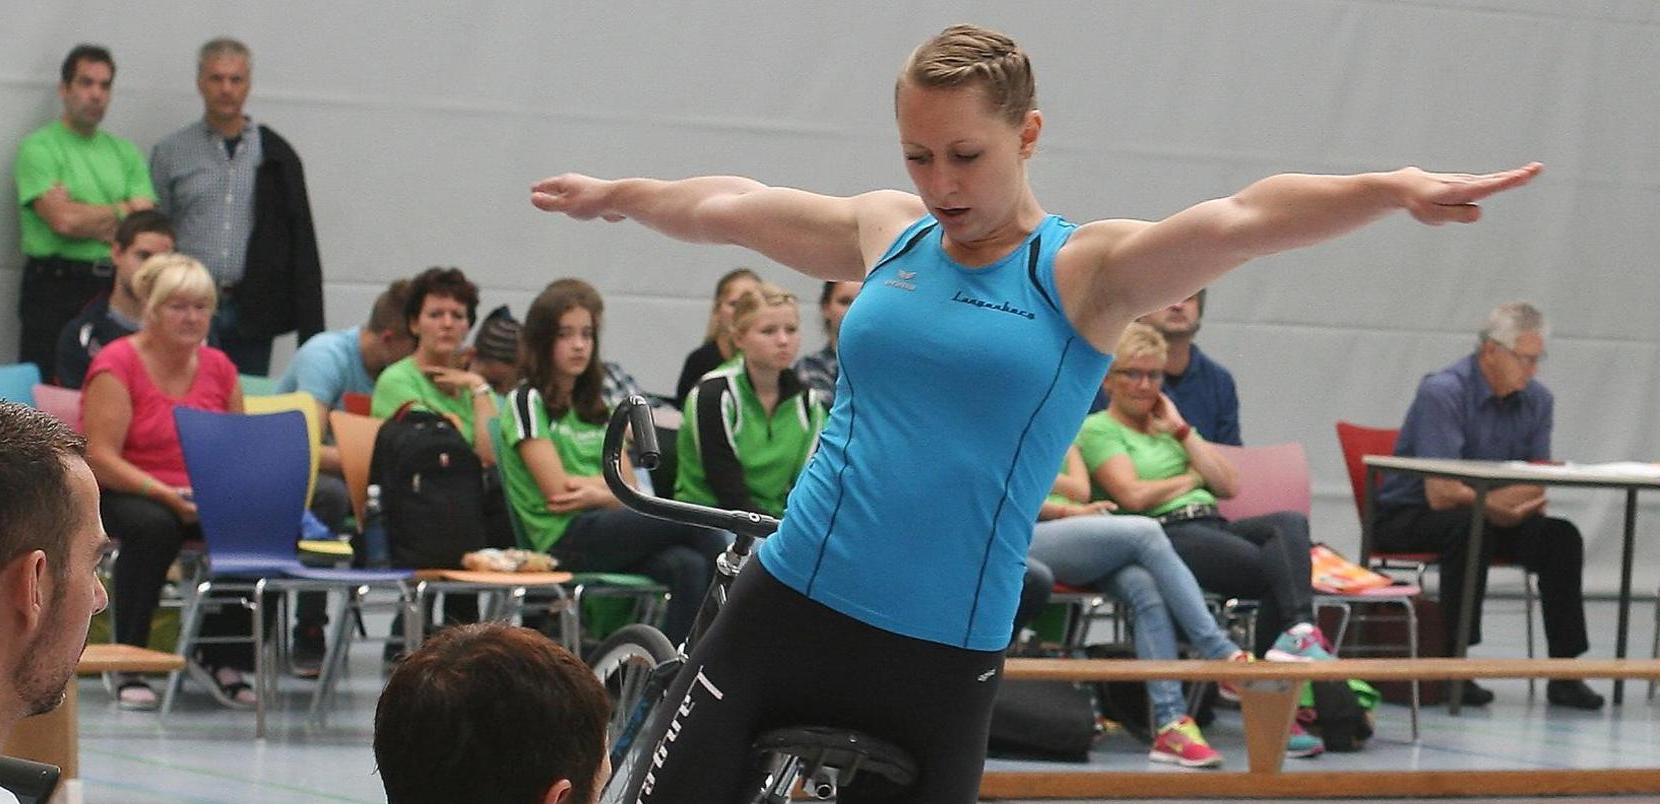 Höchste Konzentration auf dem Kunstrad: Milena Slupina konnte die Jury mit ihrer Performance überzeugen.